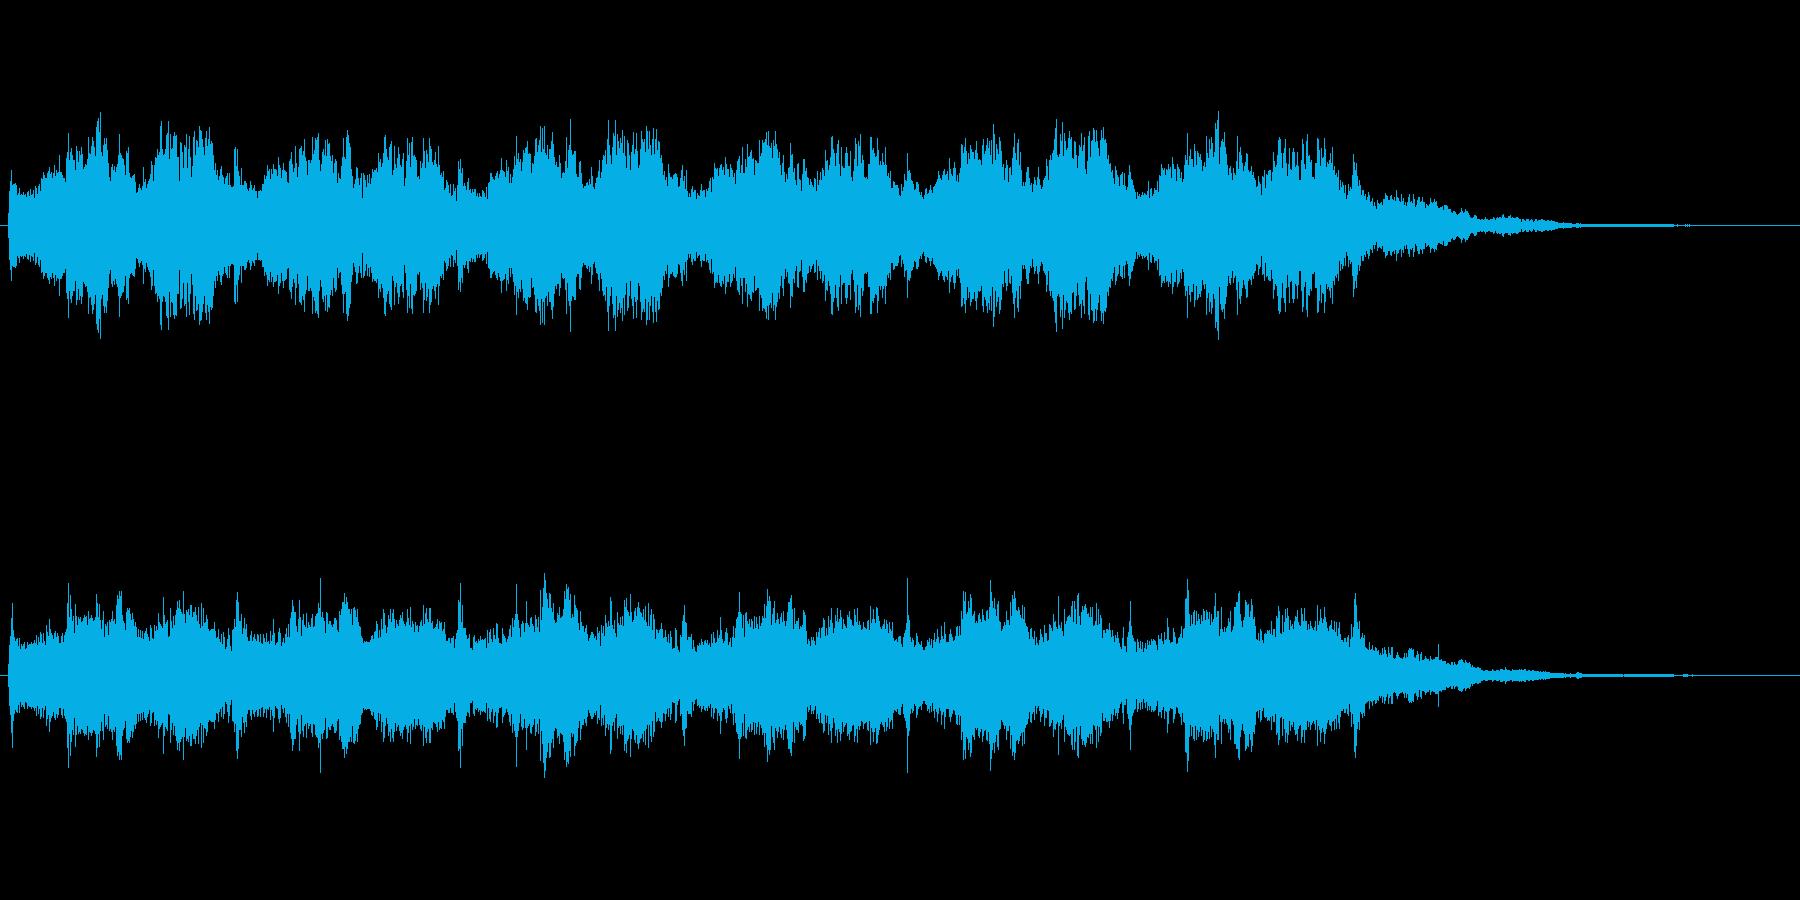 オーケストラによるループ。怪しい、不安の再生済みの波形